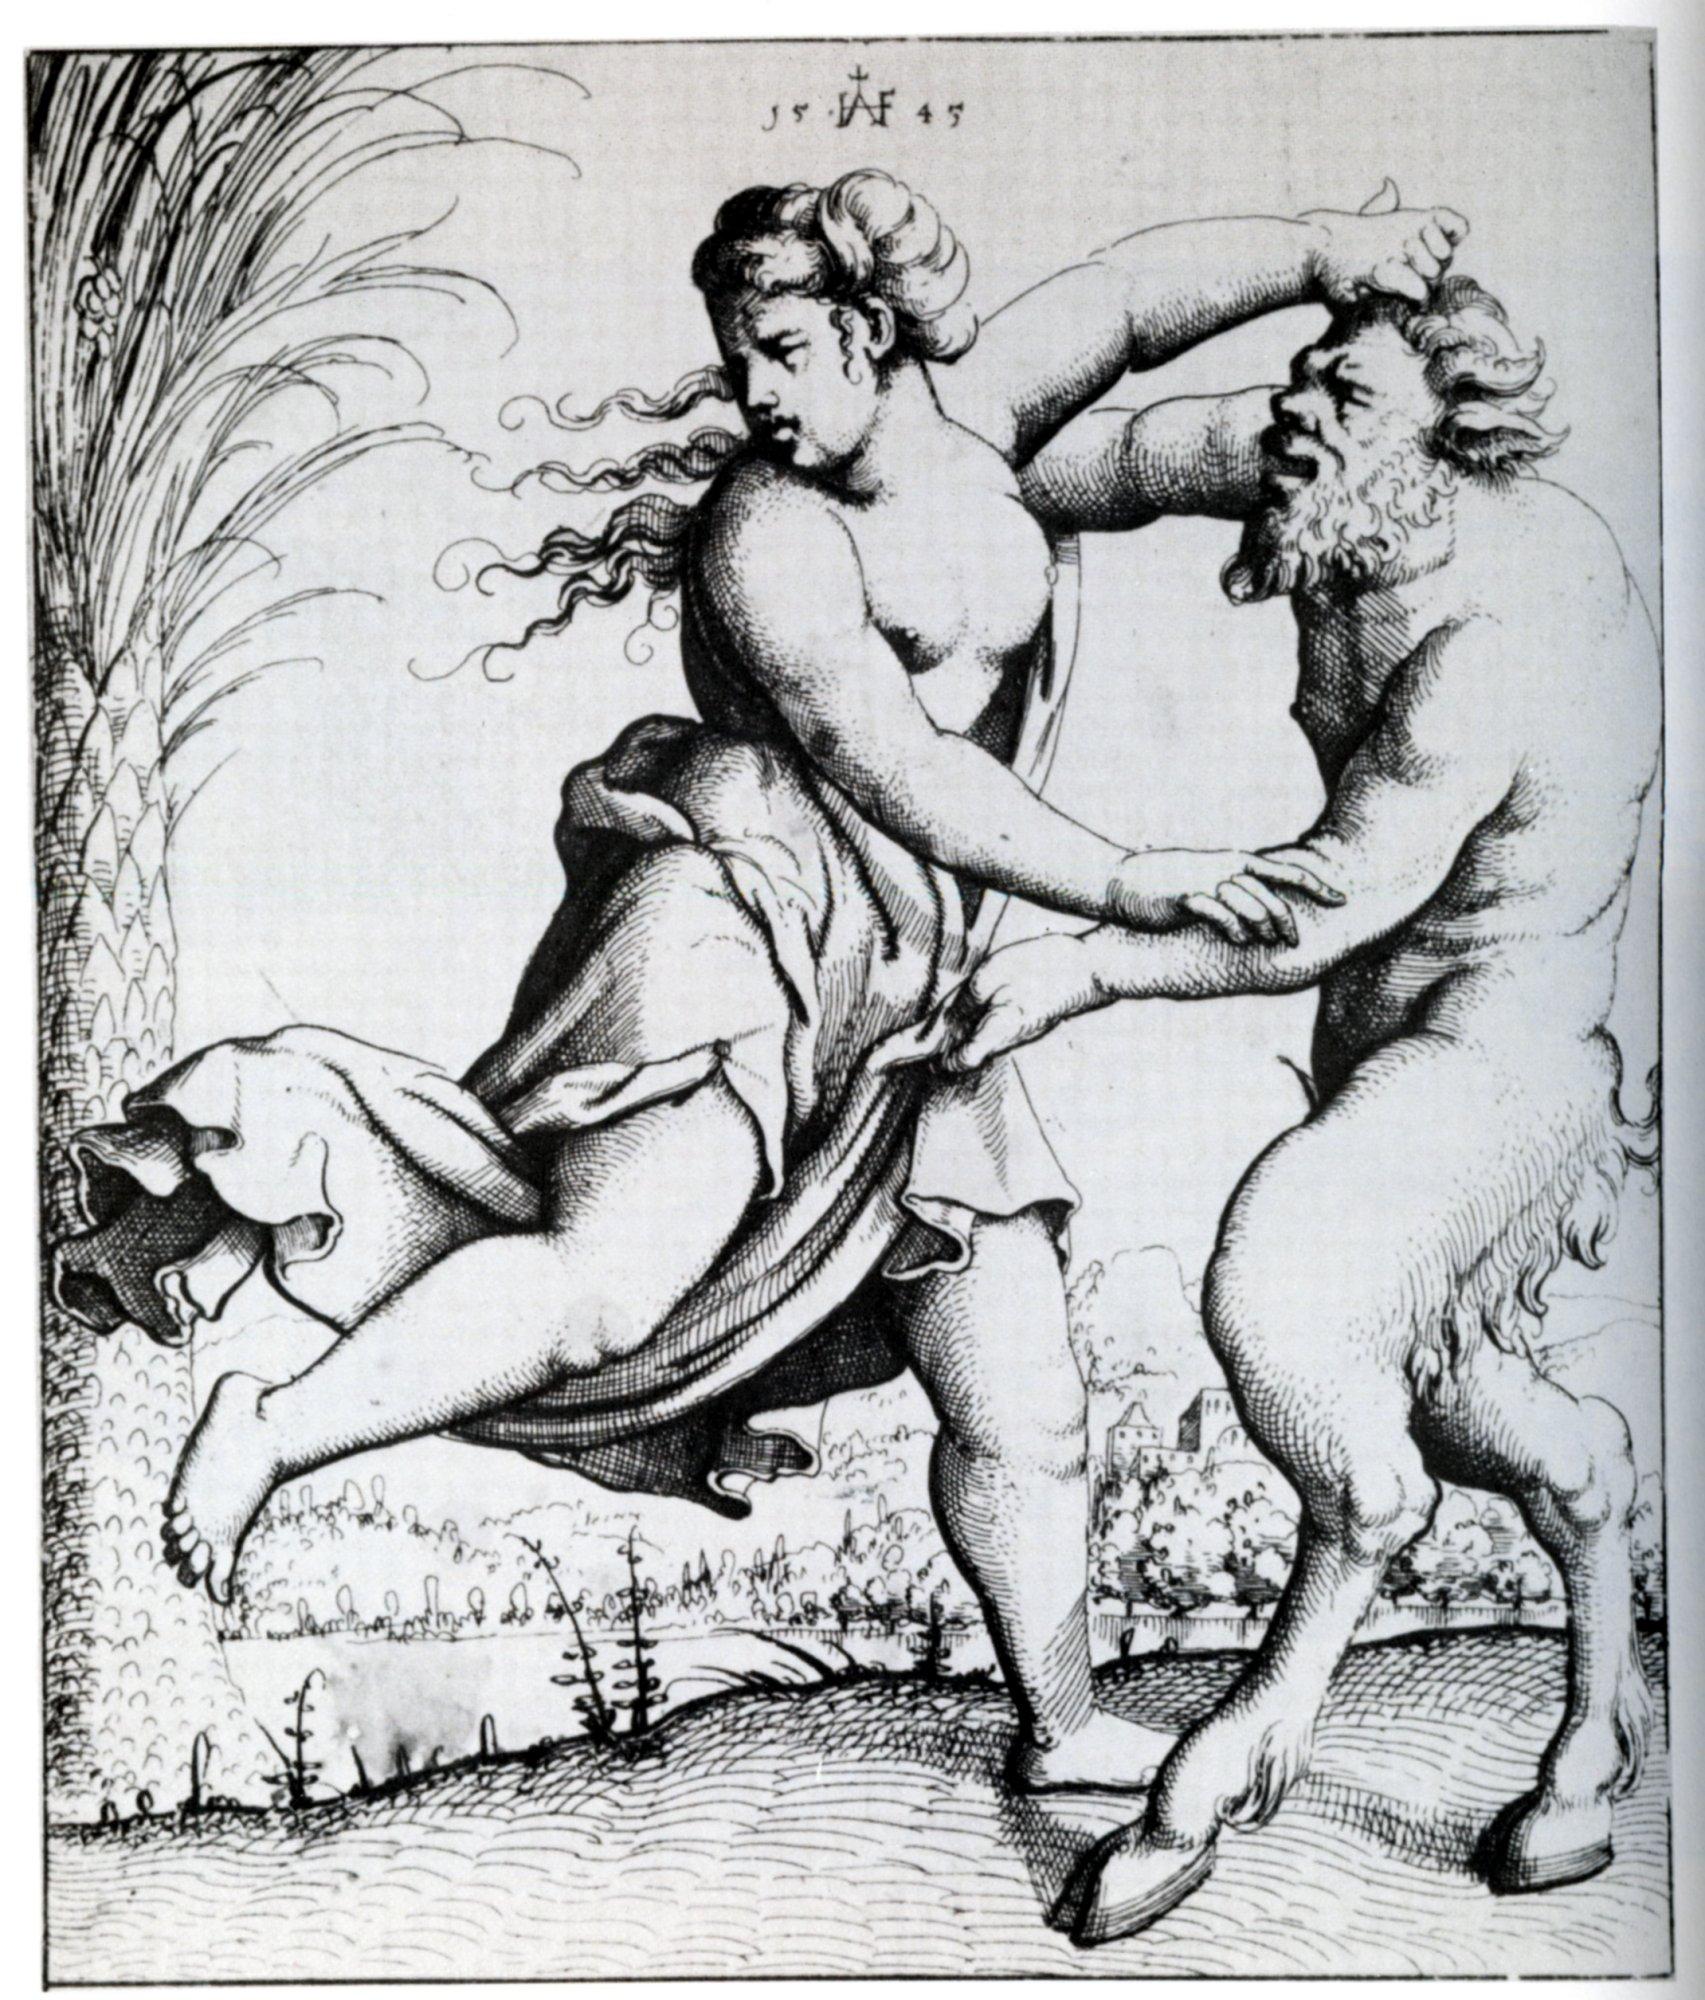 B Женщины с сатиром. секс с животными/b.